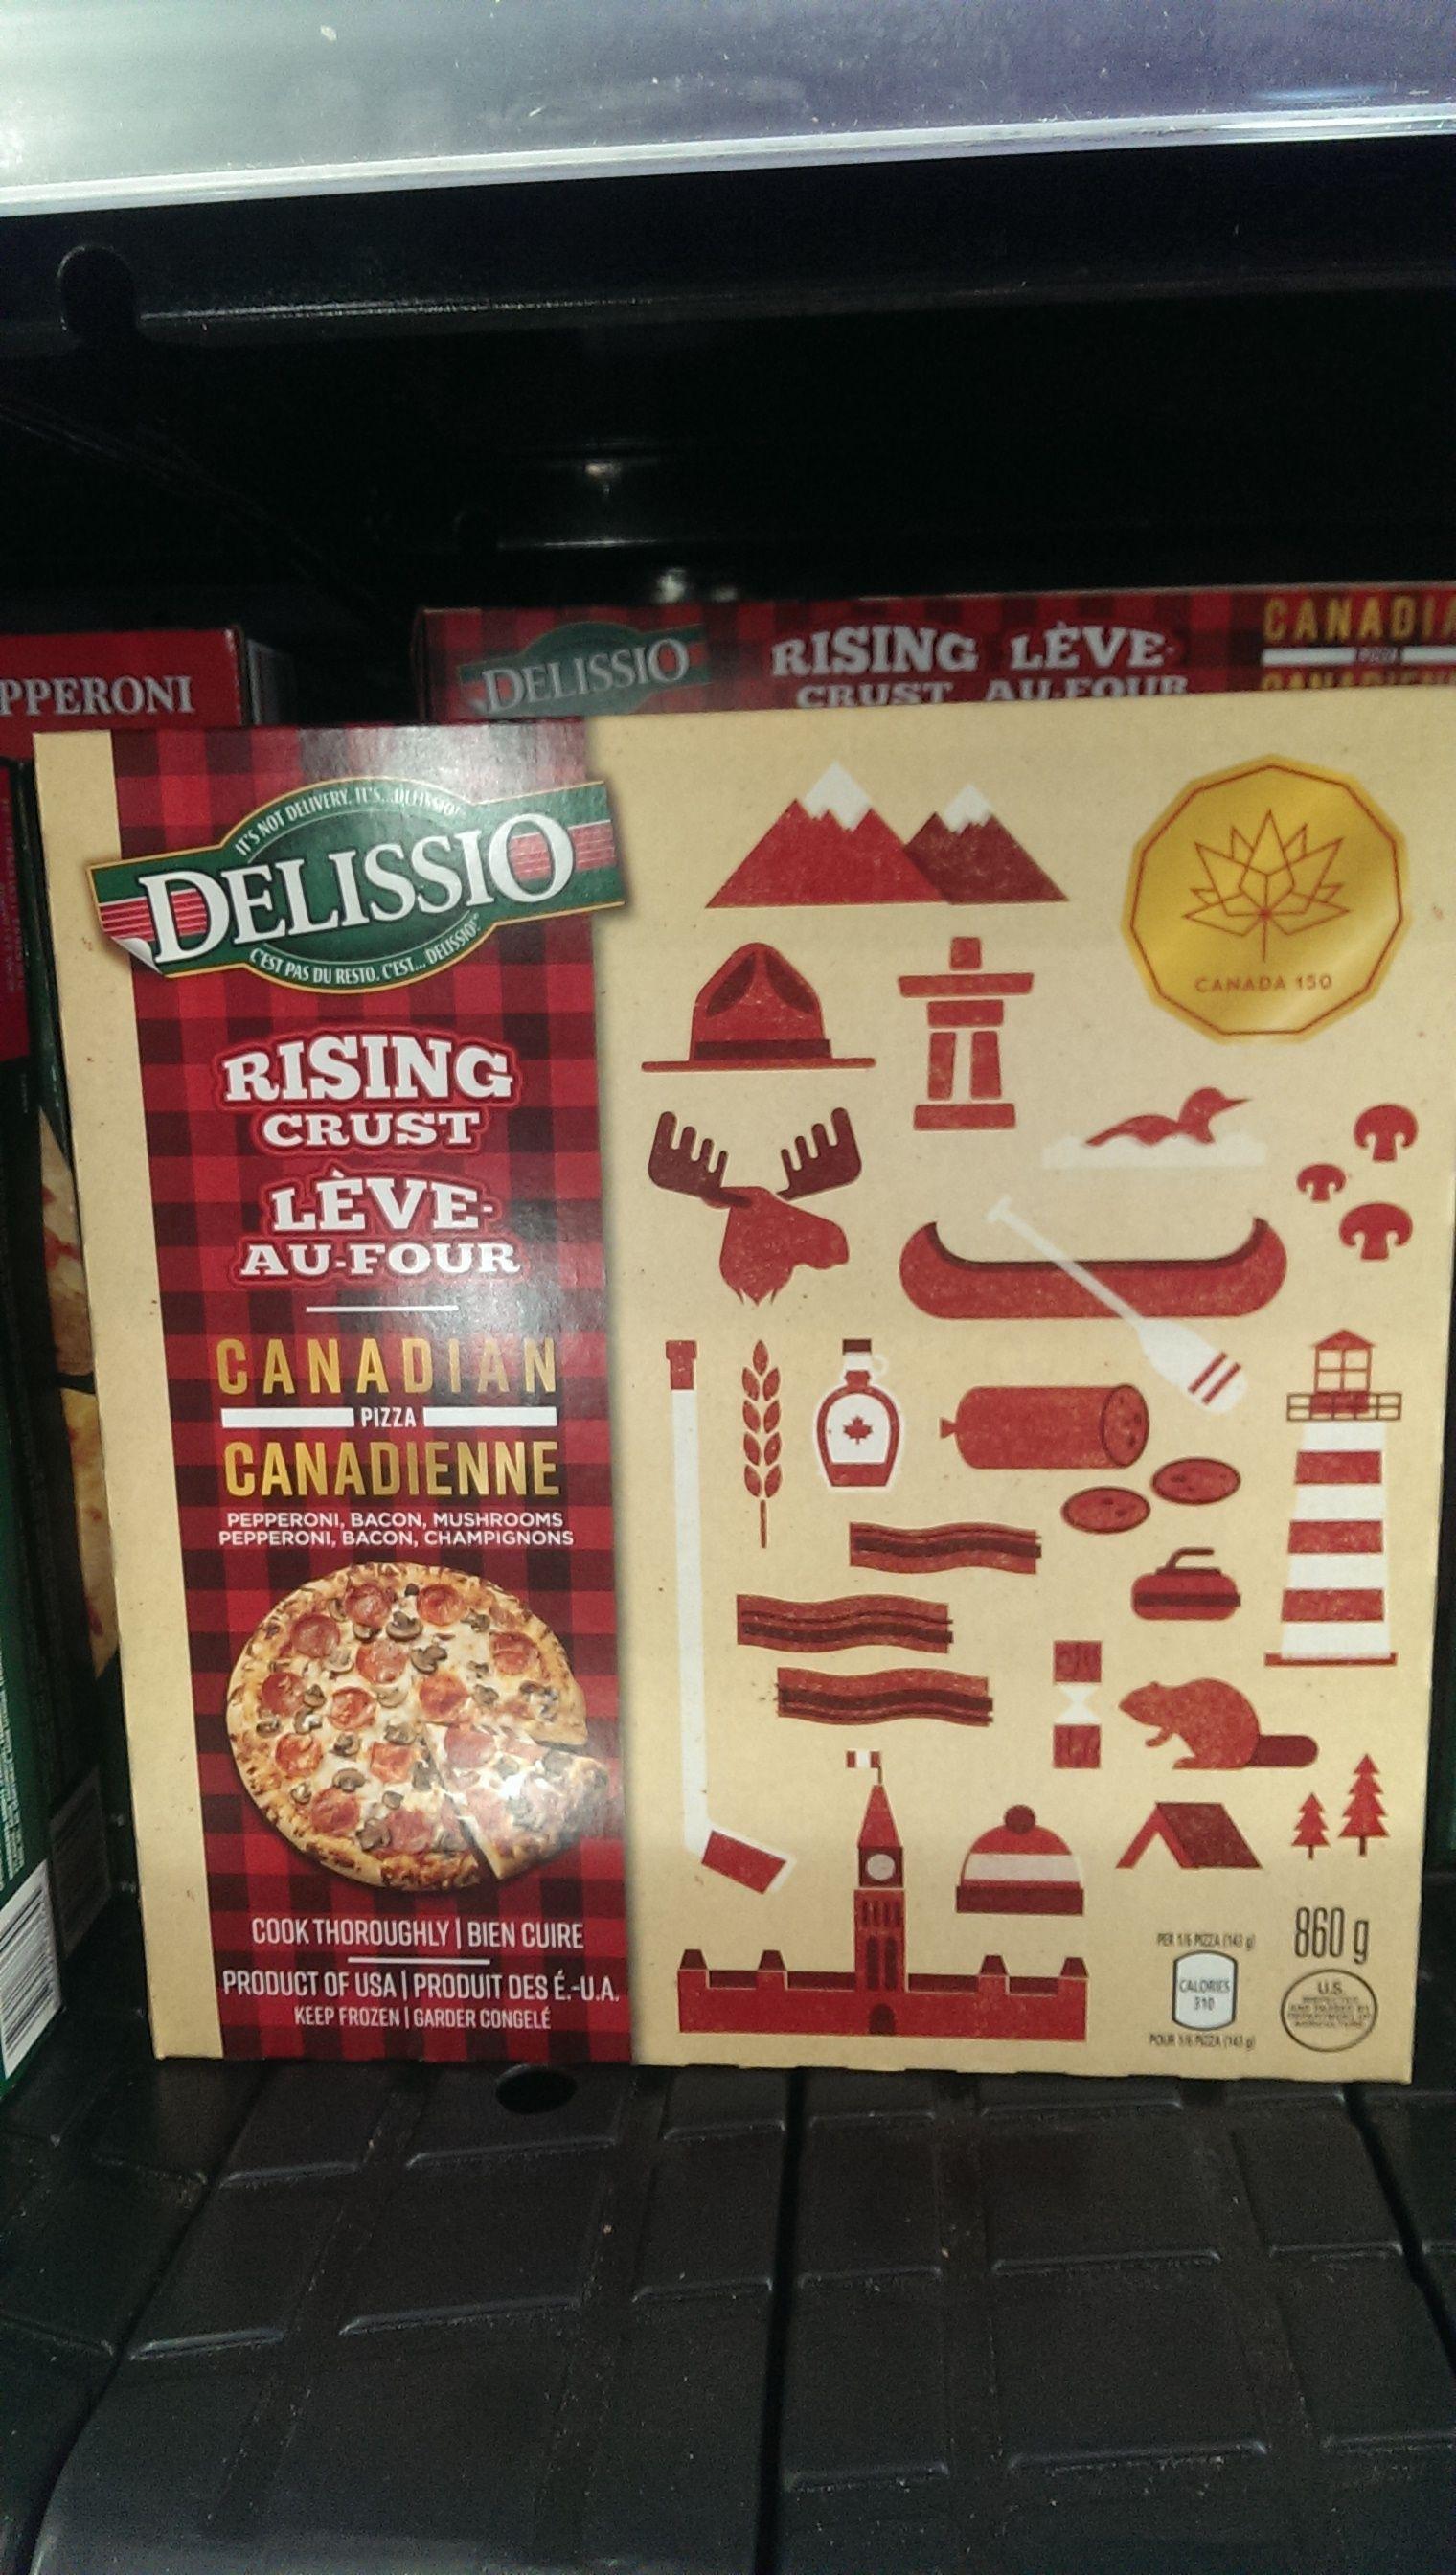 Delissio pizza too canada150 canada 150 cool tech